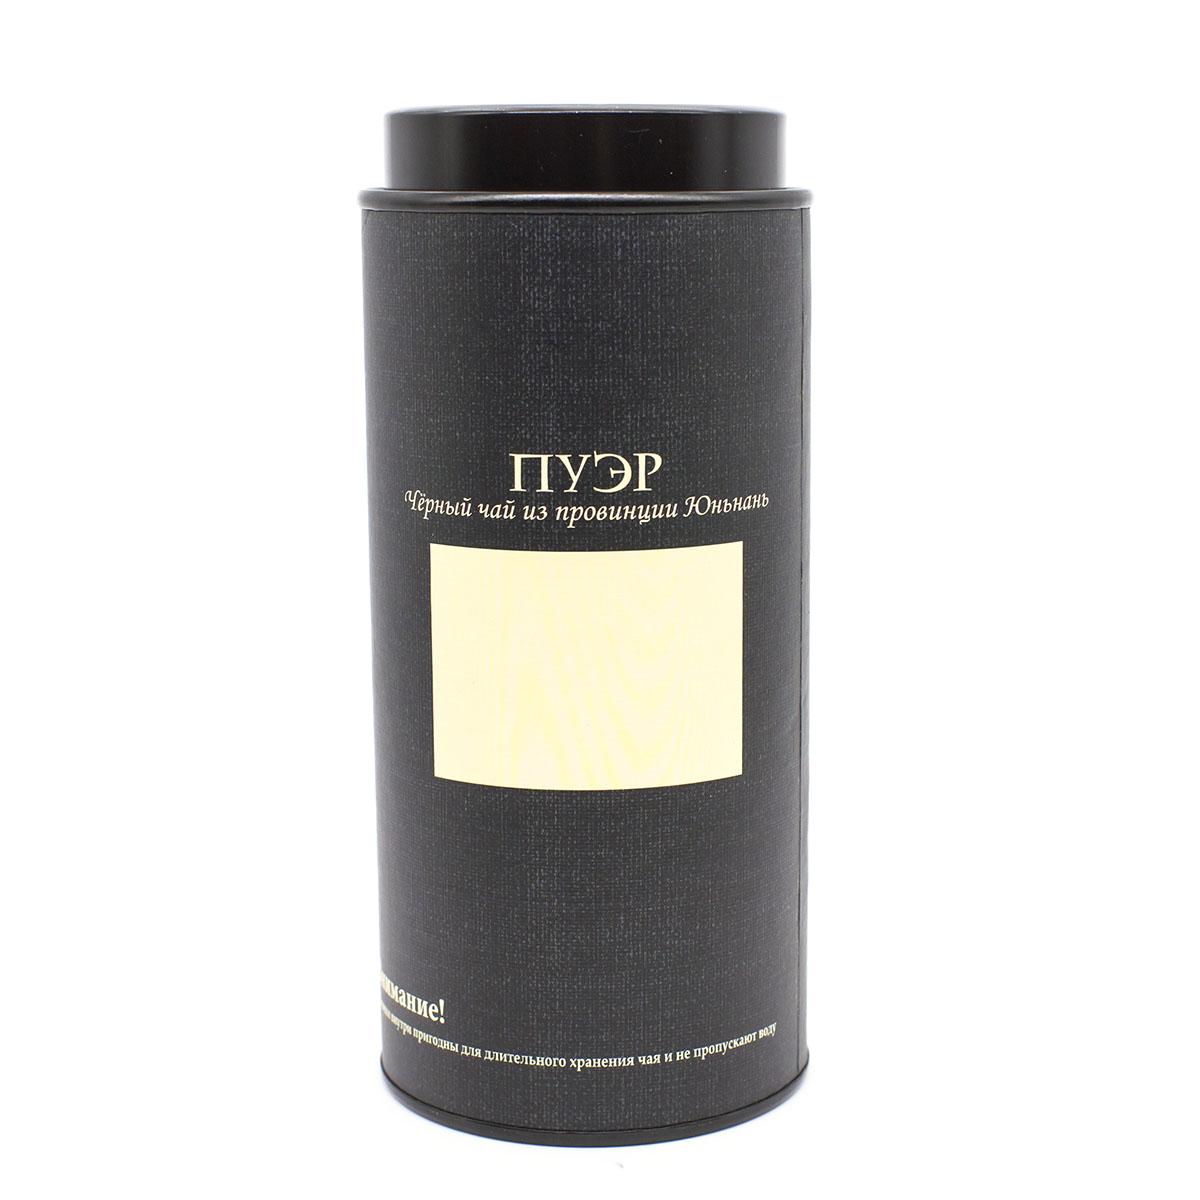 Банка картонная Мелодия неба - Пуэр. Черный чай 76*175 банка картонная мелодия неба белый чай 76 175